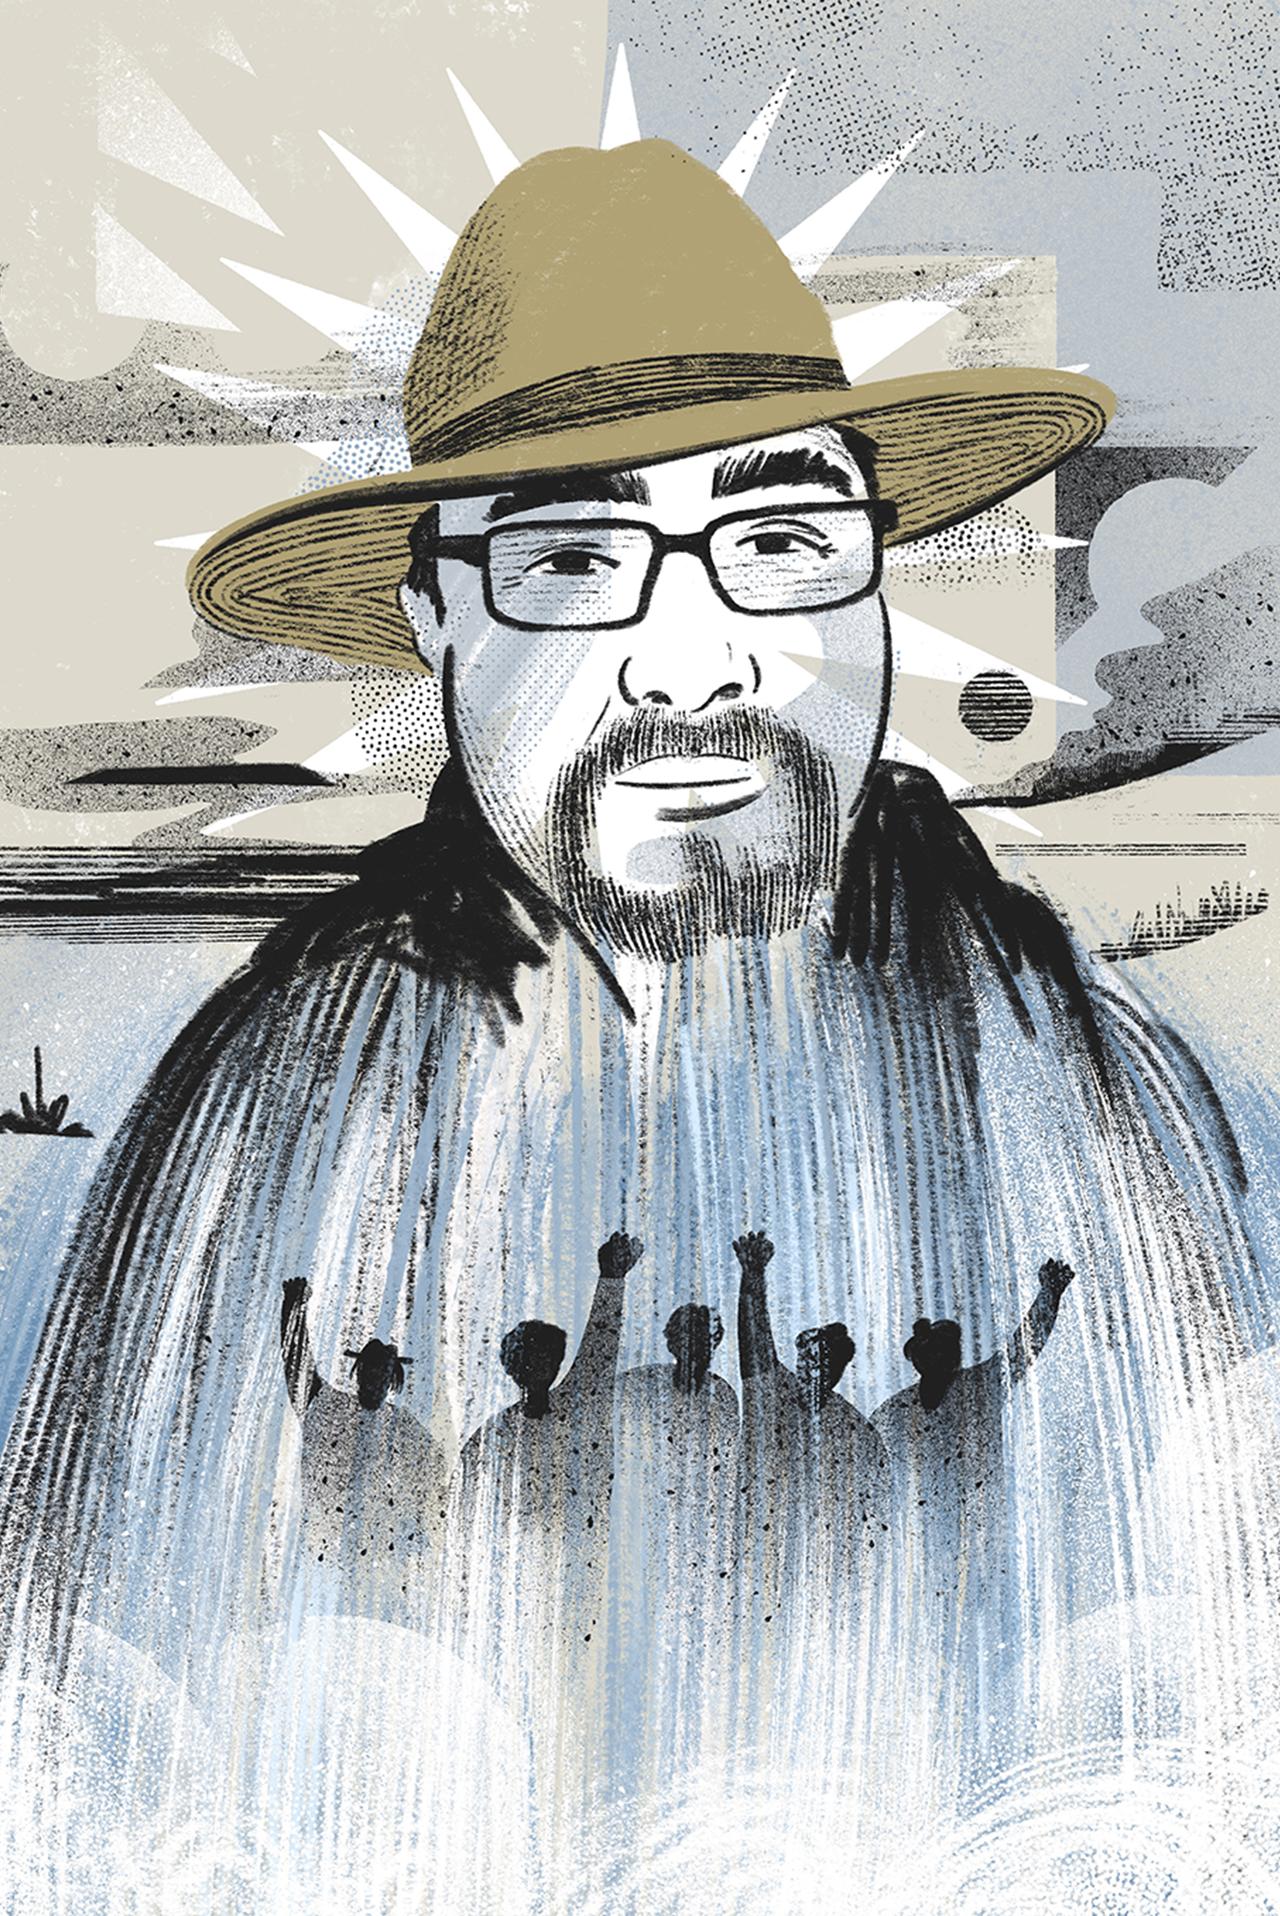 Orgullosamente indígena kumiai, Óscar Eyraud Adams fue uno de los fundadores del movimiento Mexicali Resiste, el cual defiende el agua de la región. Su asesinato en 2020 conmovió a su comunidad pero también fortaleció sus convicciones ambientalistas.